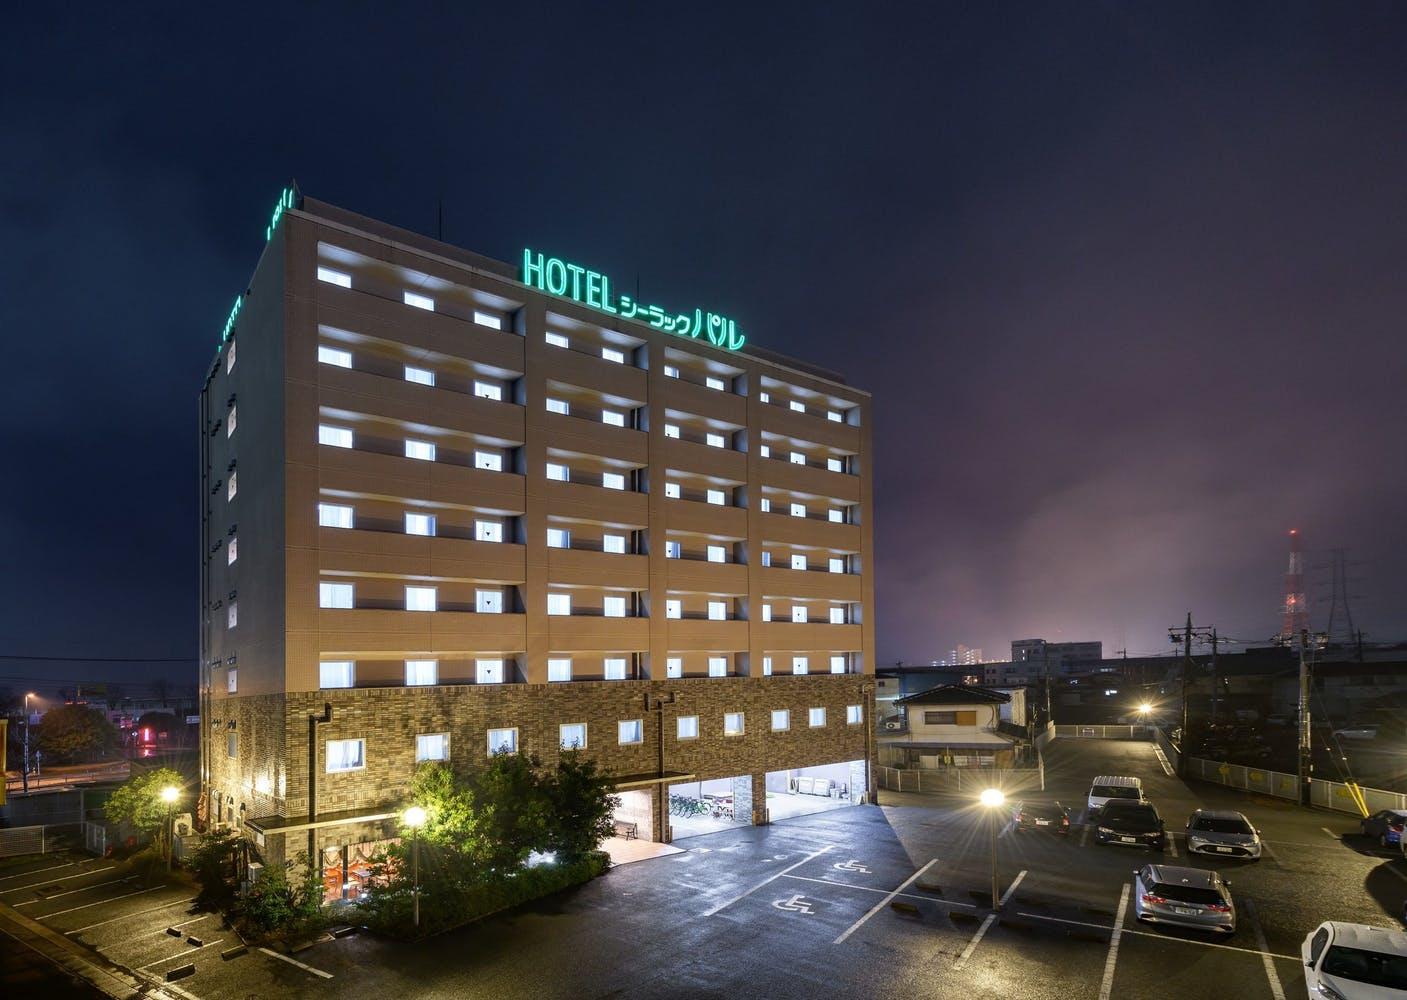 ホテルシーラックパル甲府 写真1